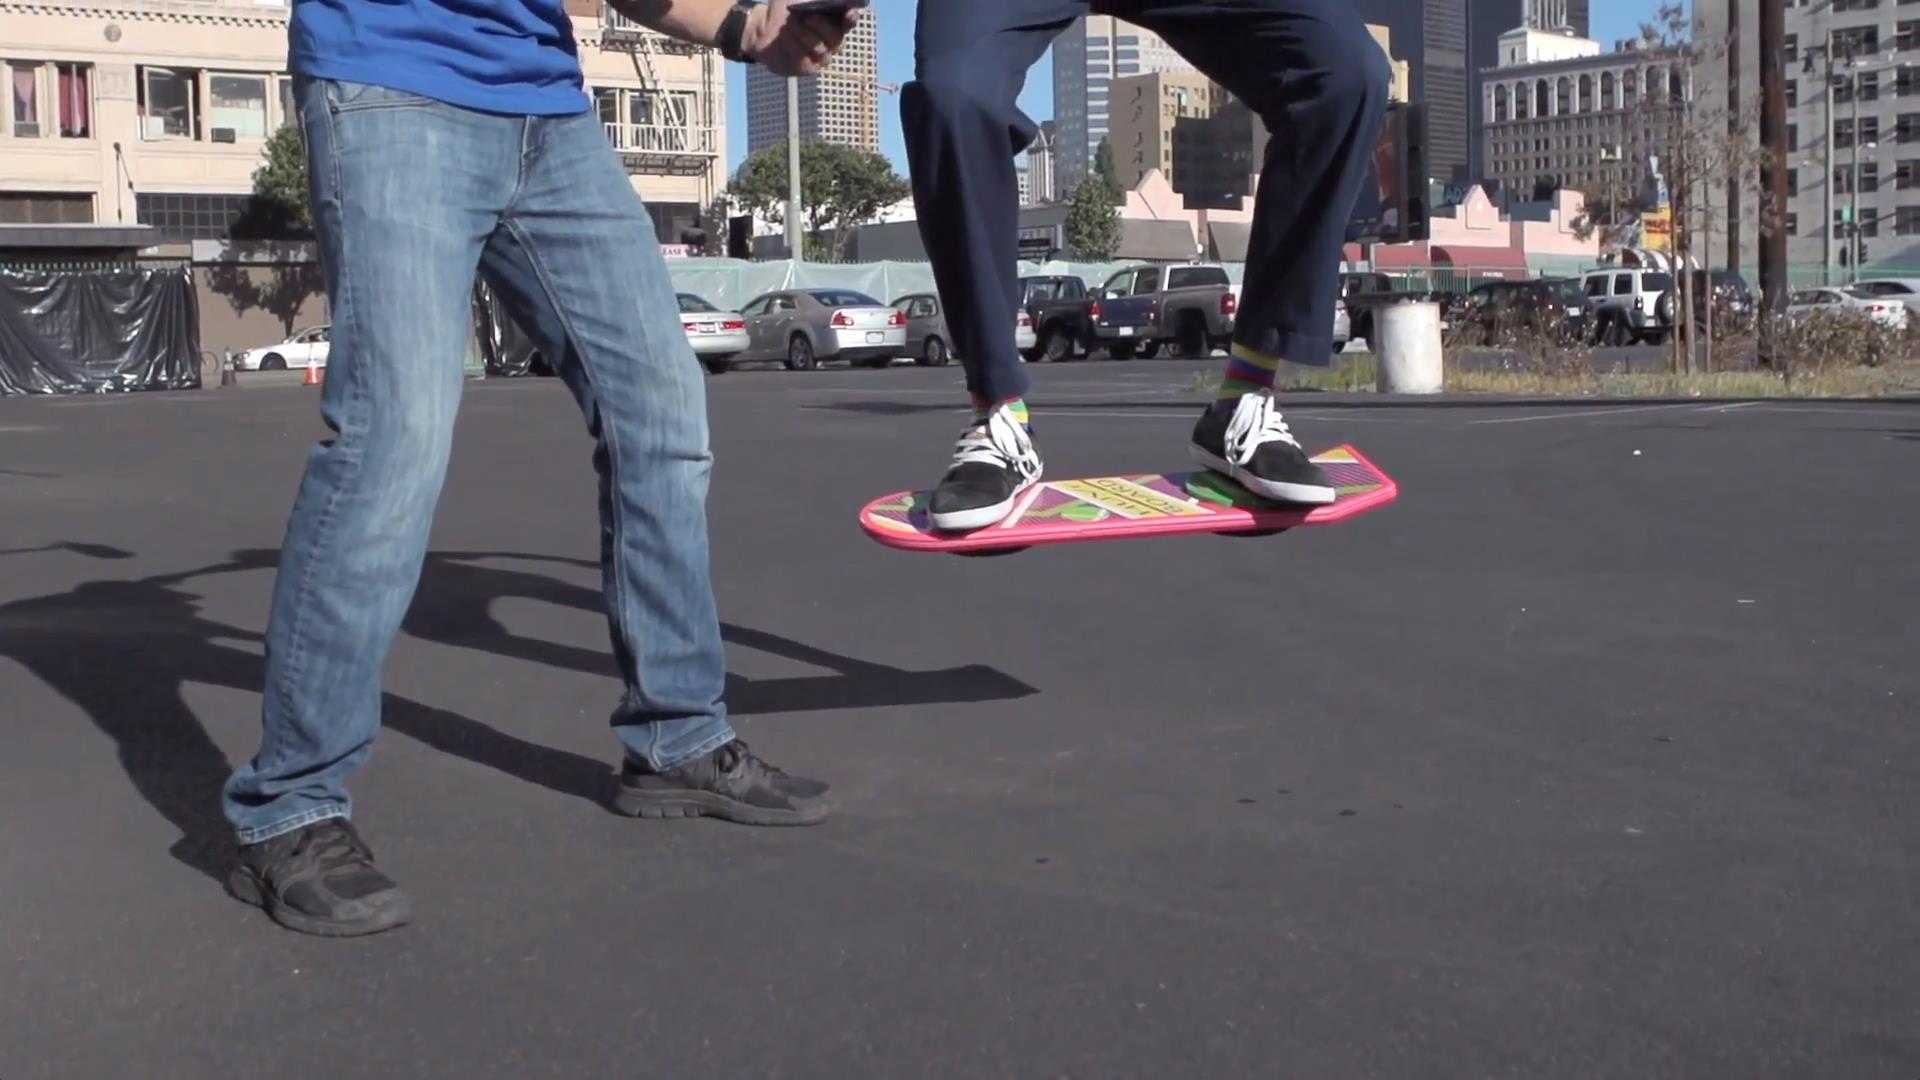 Skateboard capace di alzarsi in volo